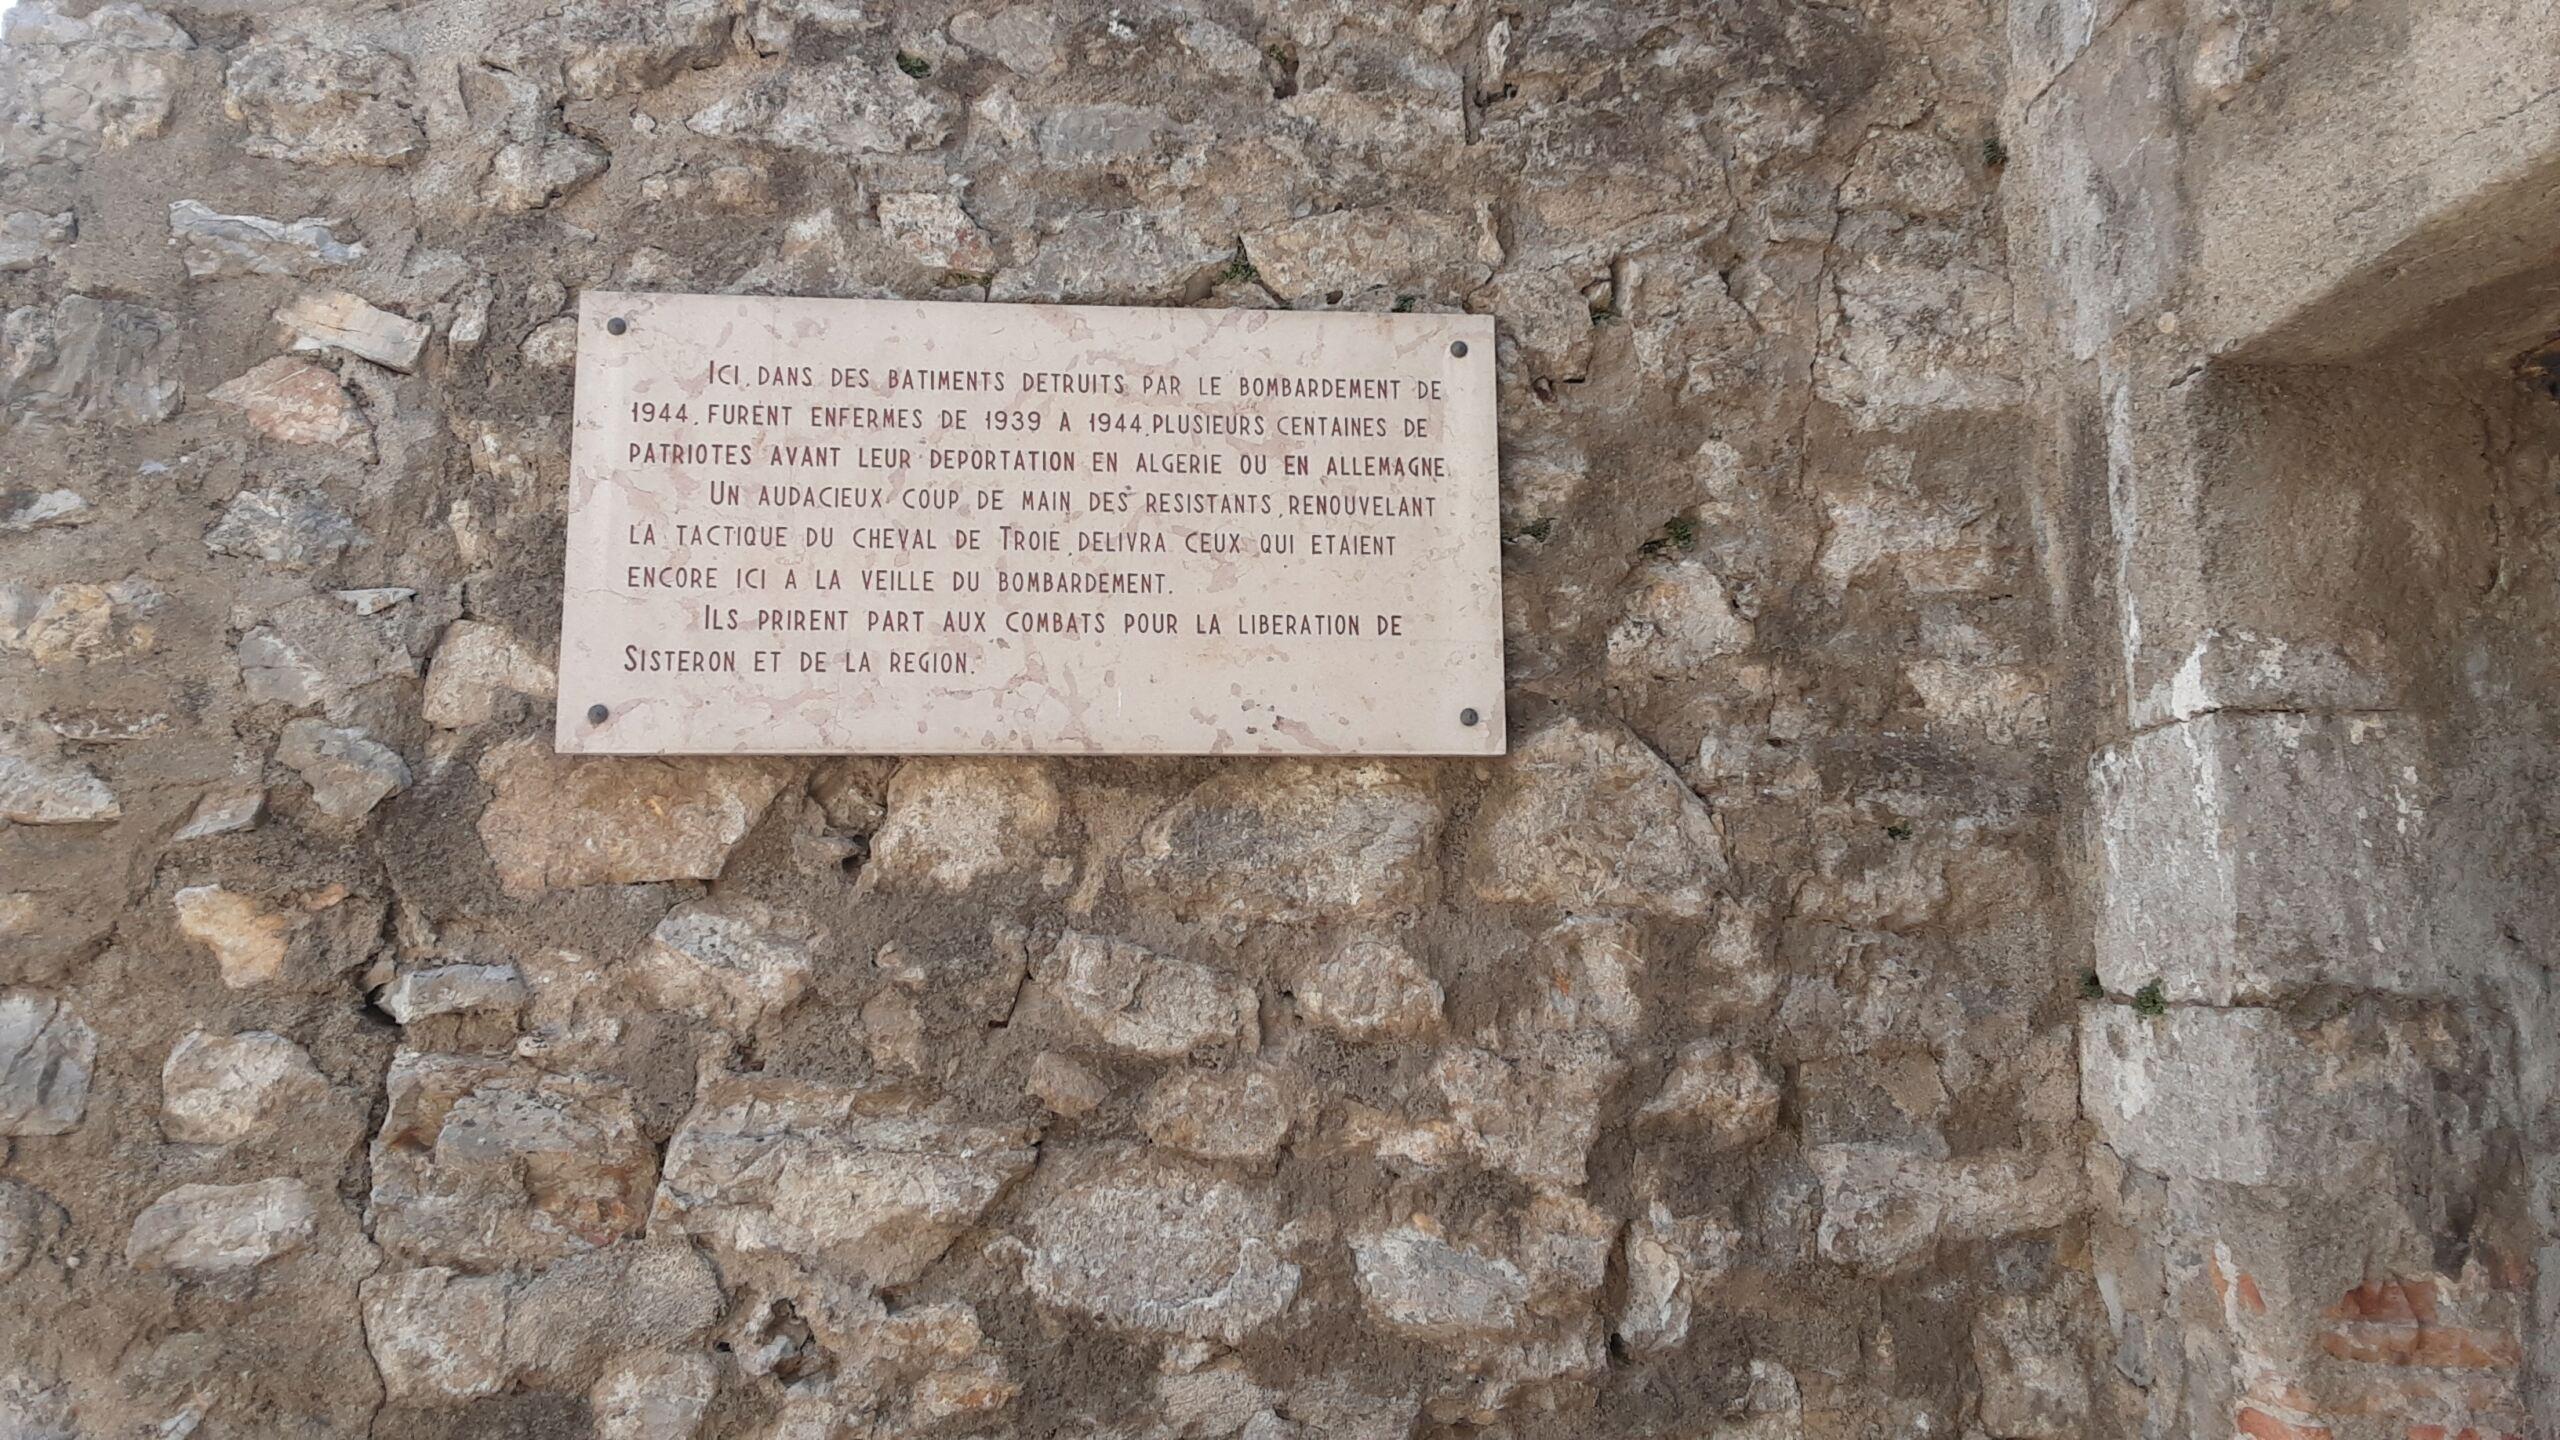 La citadelle de Sisteron:  visite virtuelle d'hier et d'aujourd'hui.  - Page 2 20210710